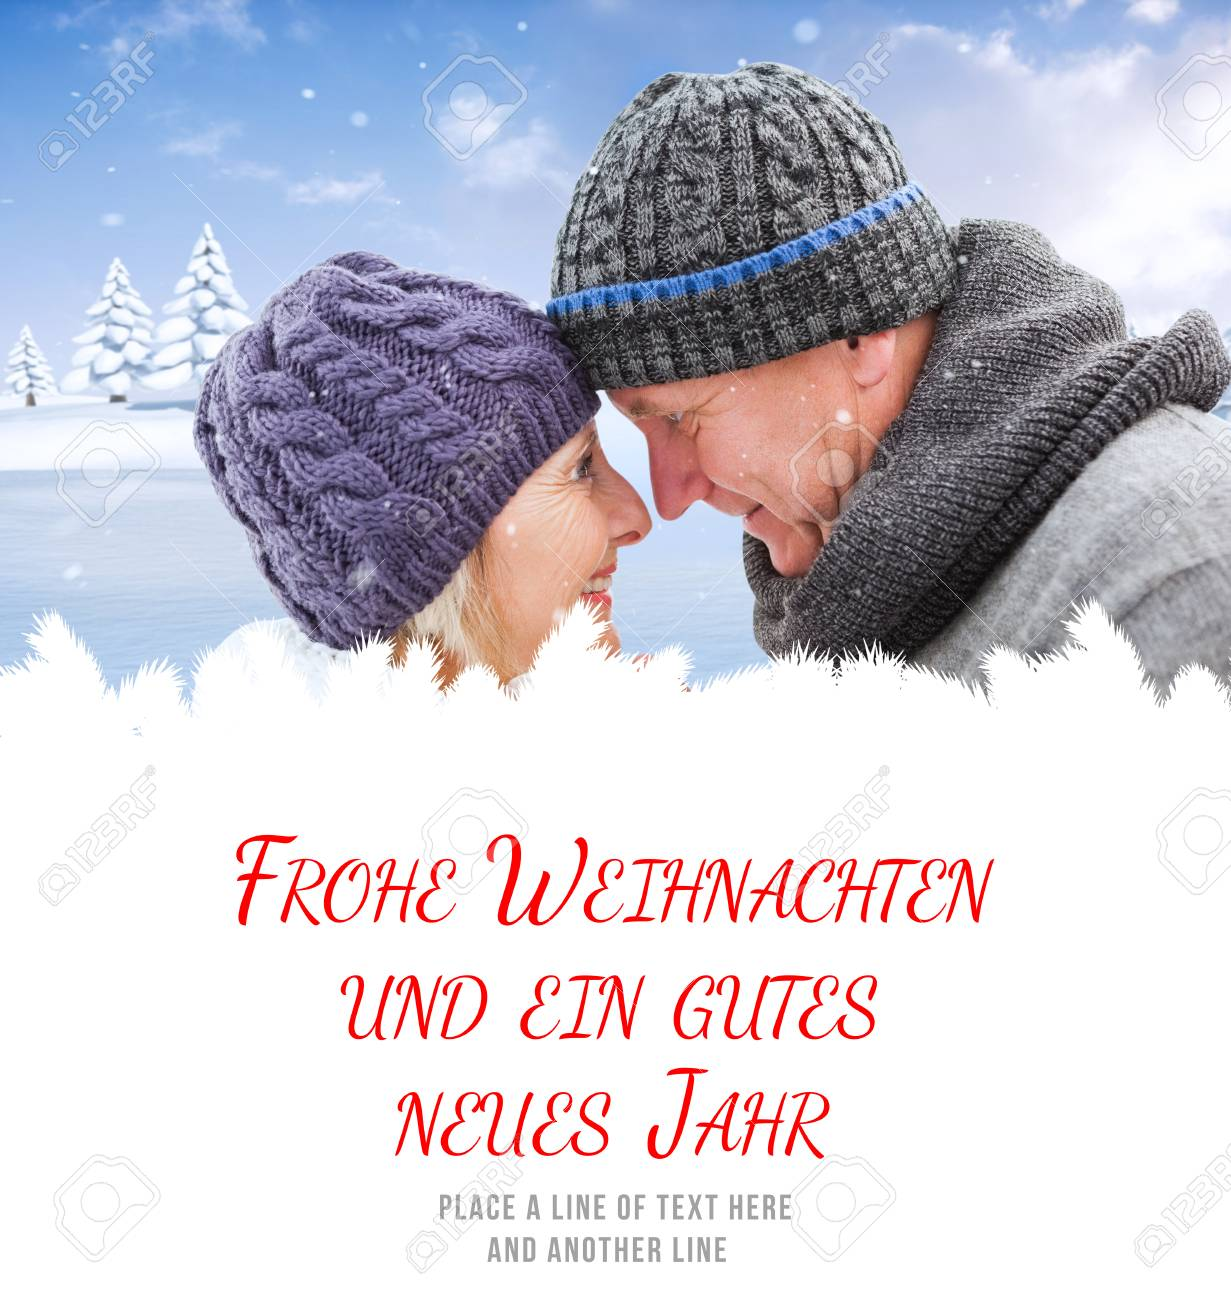 Großartig Weihnachten Messege Galerie - Weihnachtsbilder ...